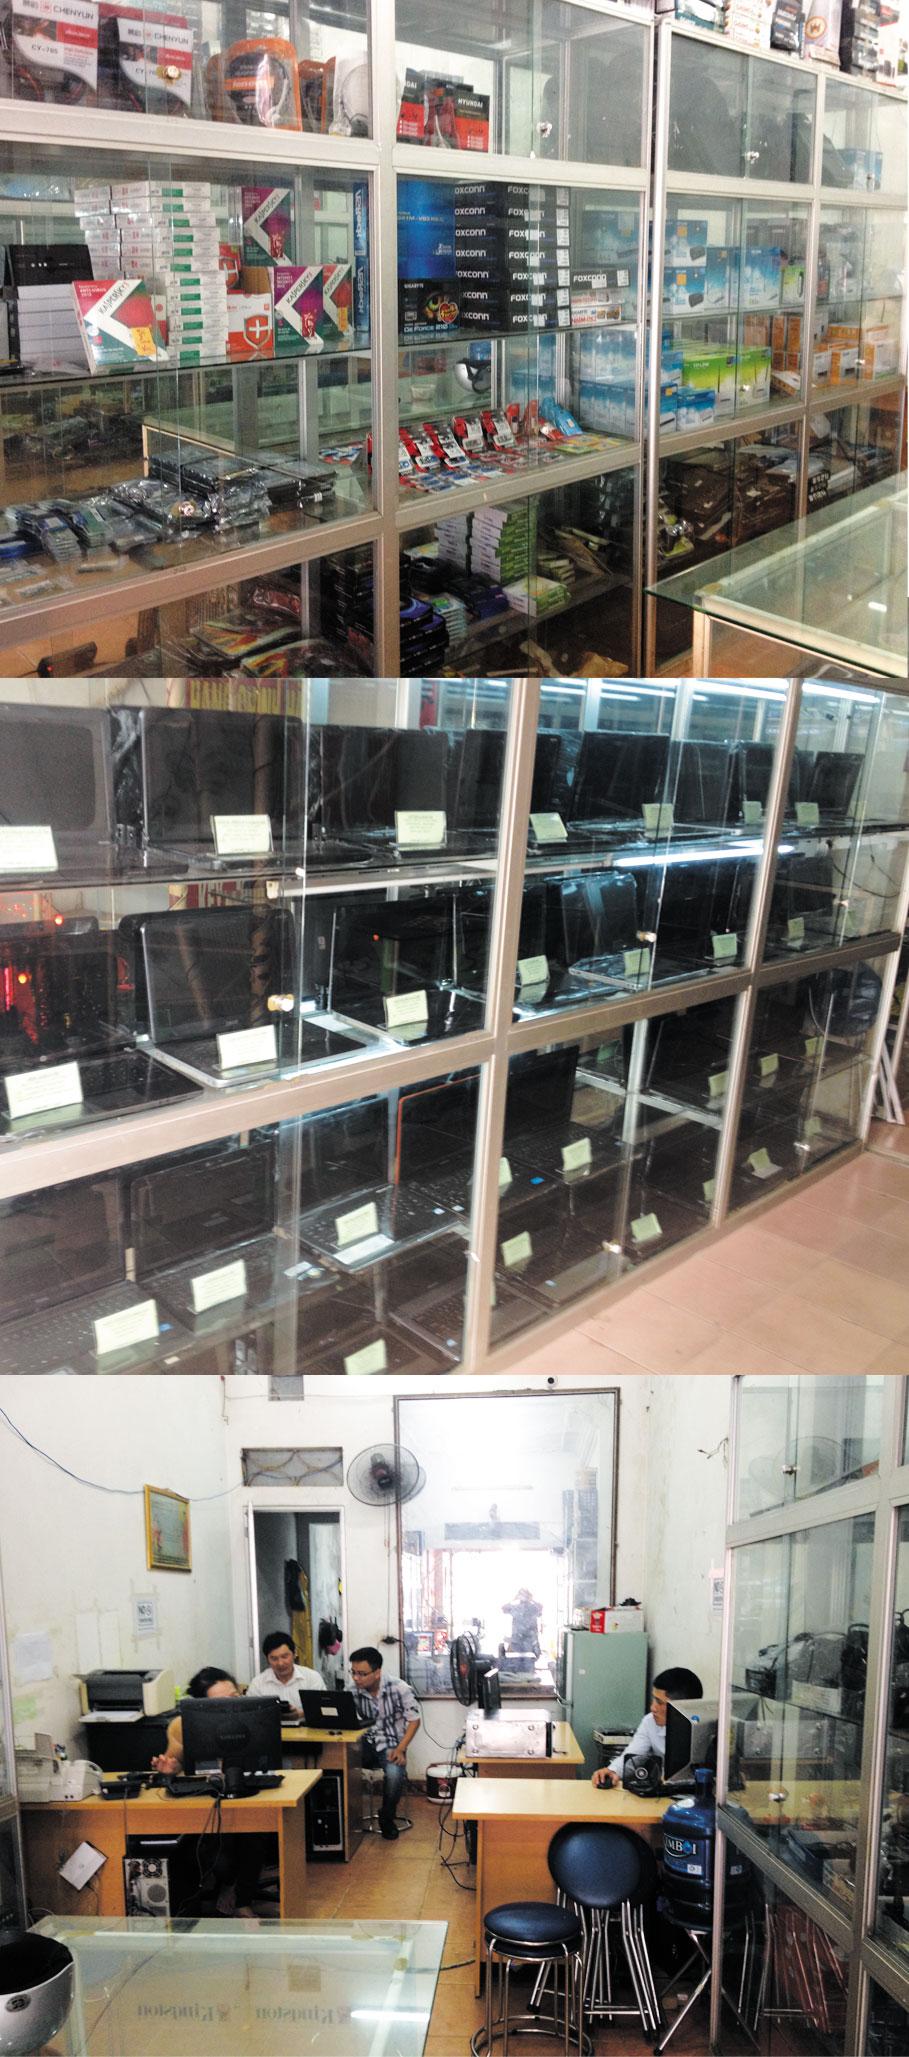 1447302474_ctt-computer2.jpg